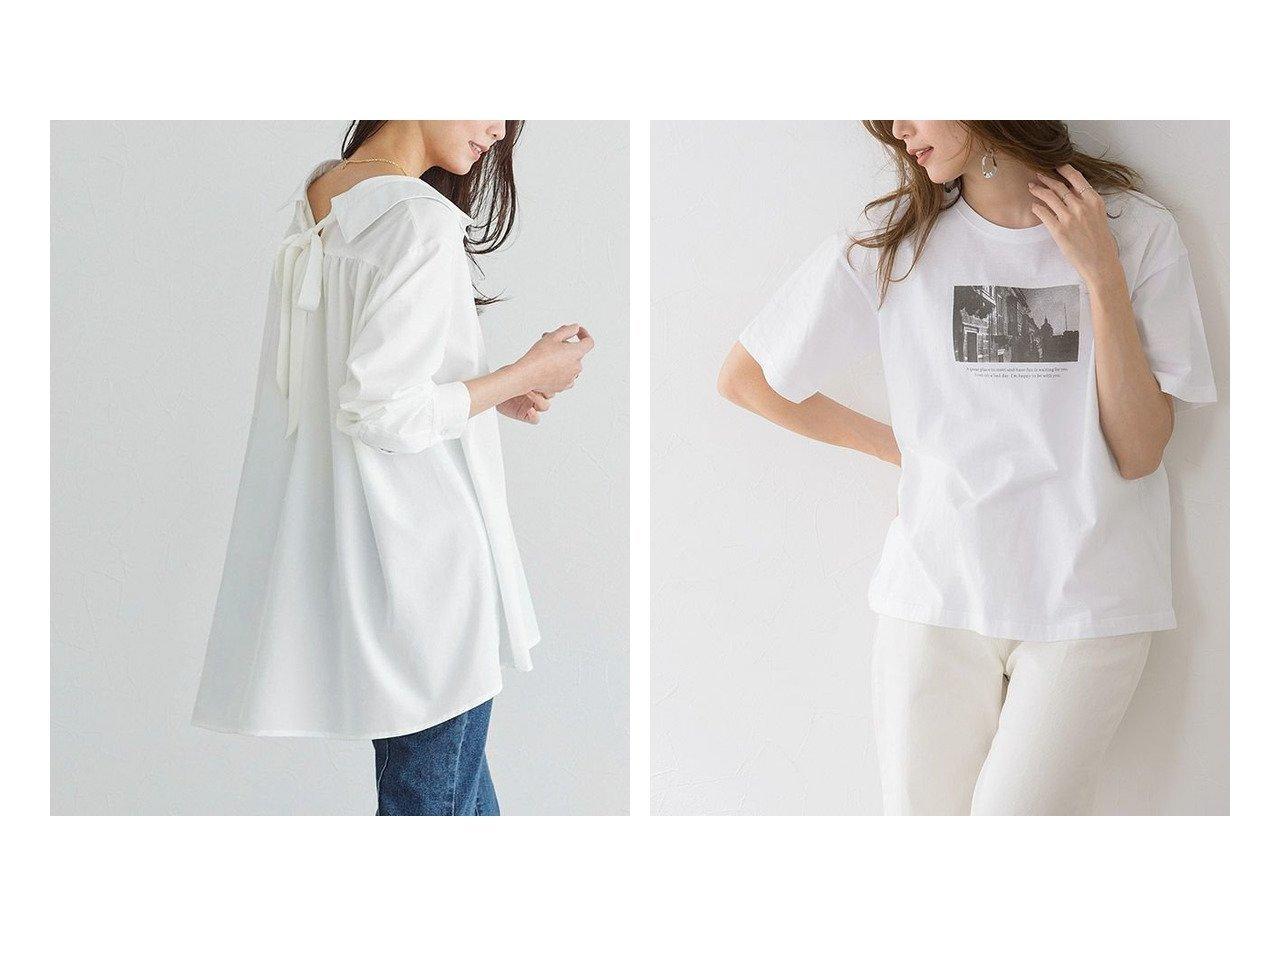 【Pierrot/ピエロ】のバックリボンAラインブラウス&フォトプリントコットンTシャツ 【プチプライス】おすすめ!人気トレンド・ファッション通販 おすすめで人気の流行・トレンド、ファッションの通販商品 メンズファッション・キッズファッション・インテリア・家具・レディースファッション・服の通販 founy(ファニー) https://founy.com/ ファッション Fashion レディースファッション WOMEN トップス・カットソー Tops/Tshirt シャツ/ブラウス Shirts/Blouses ロング / Tシャツ T-Shirts ギャザー フェミニン プチプライス・低価格 Affordable リボン 春 Spring |ID:crp329100000026799